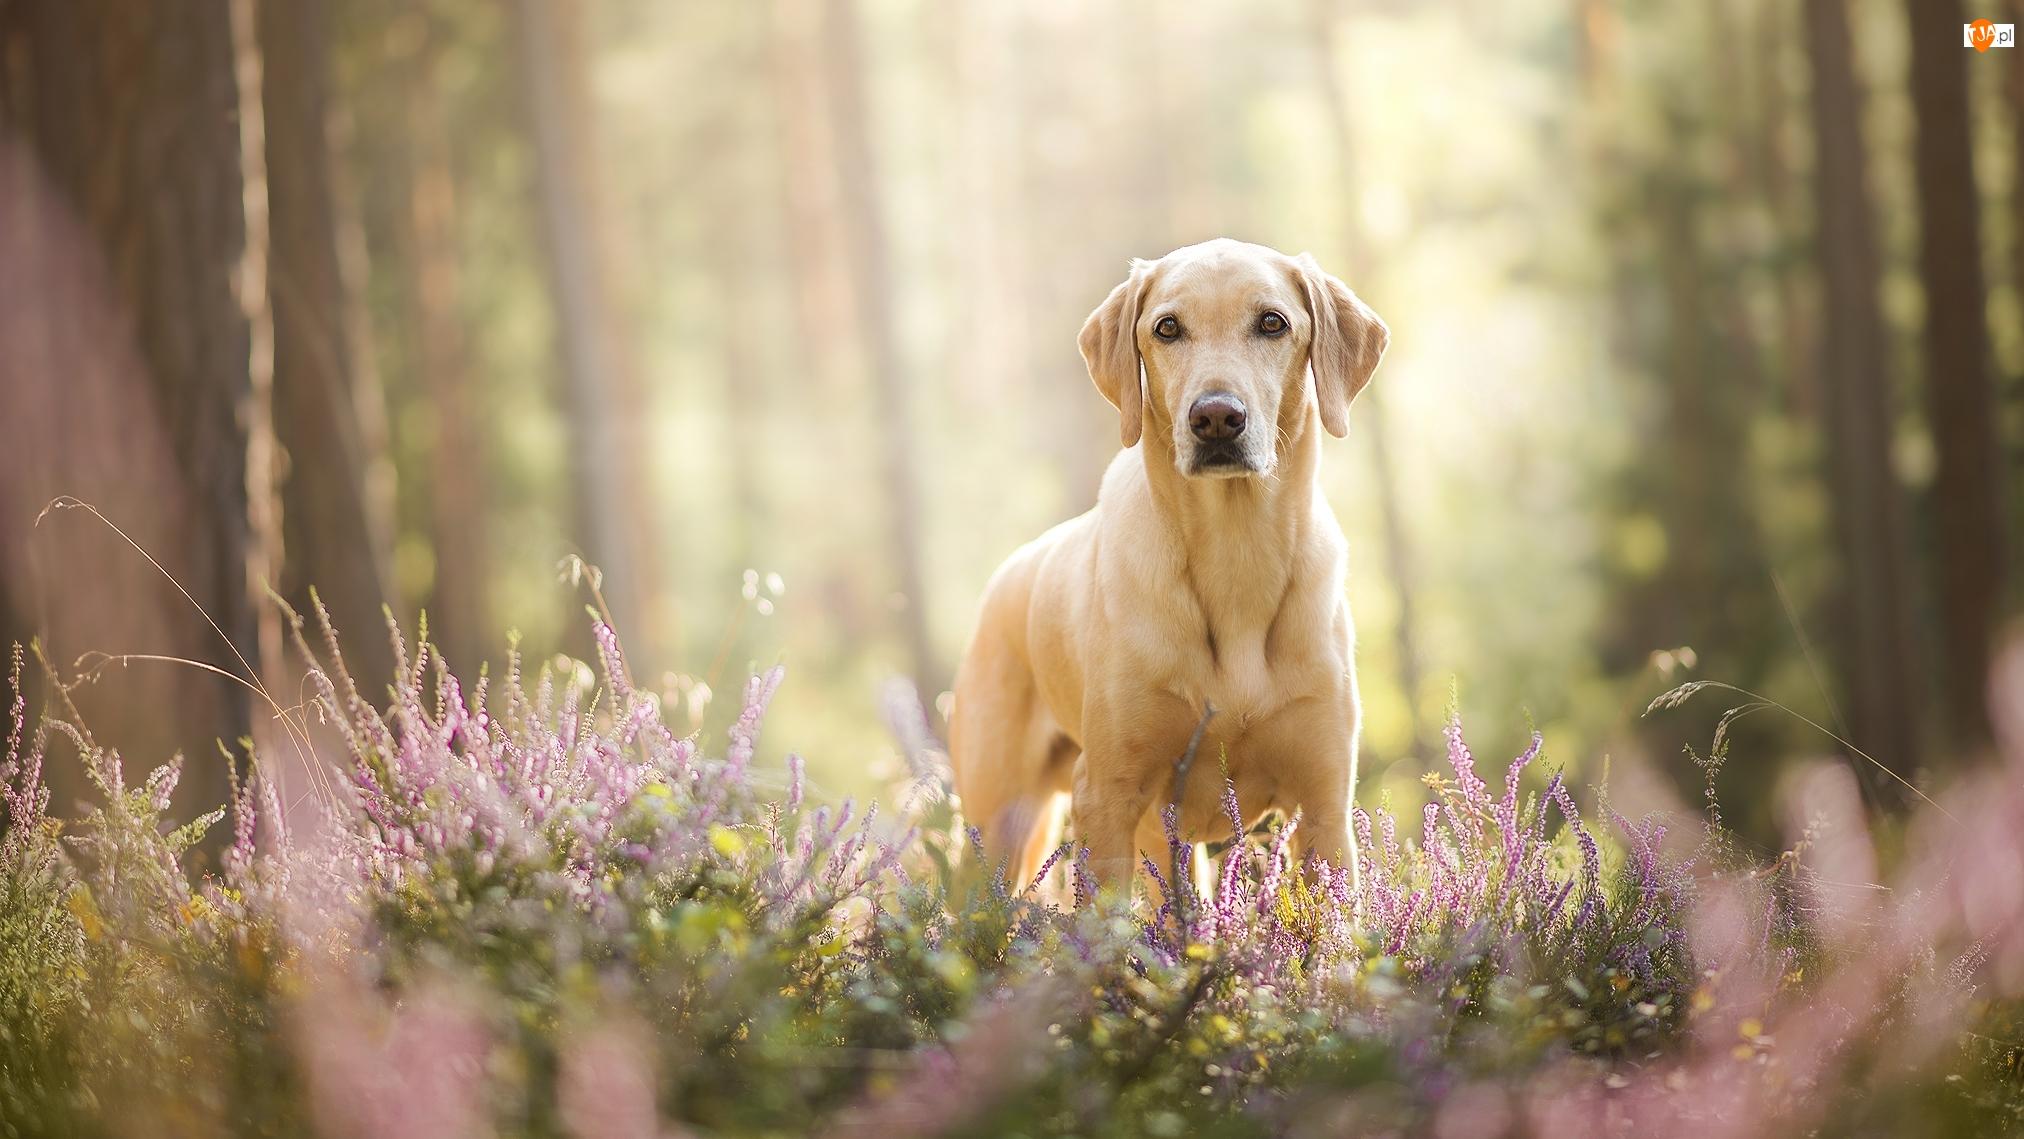 Wrzosy, Pies, Labrador retriever